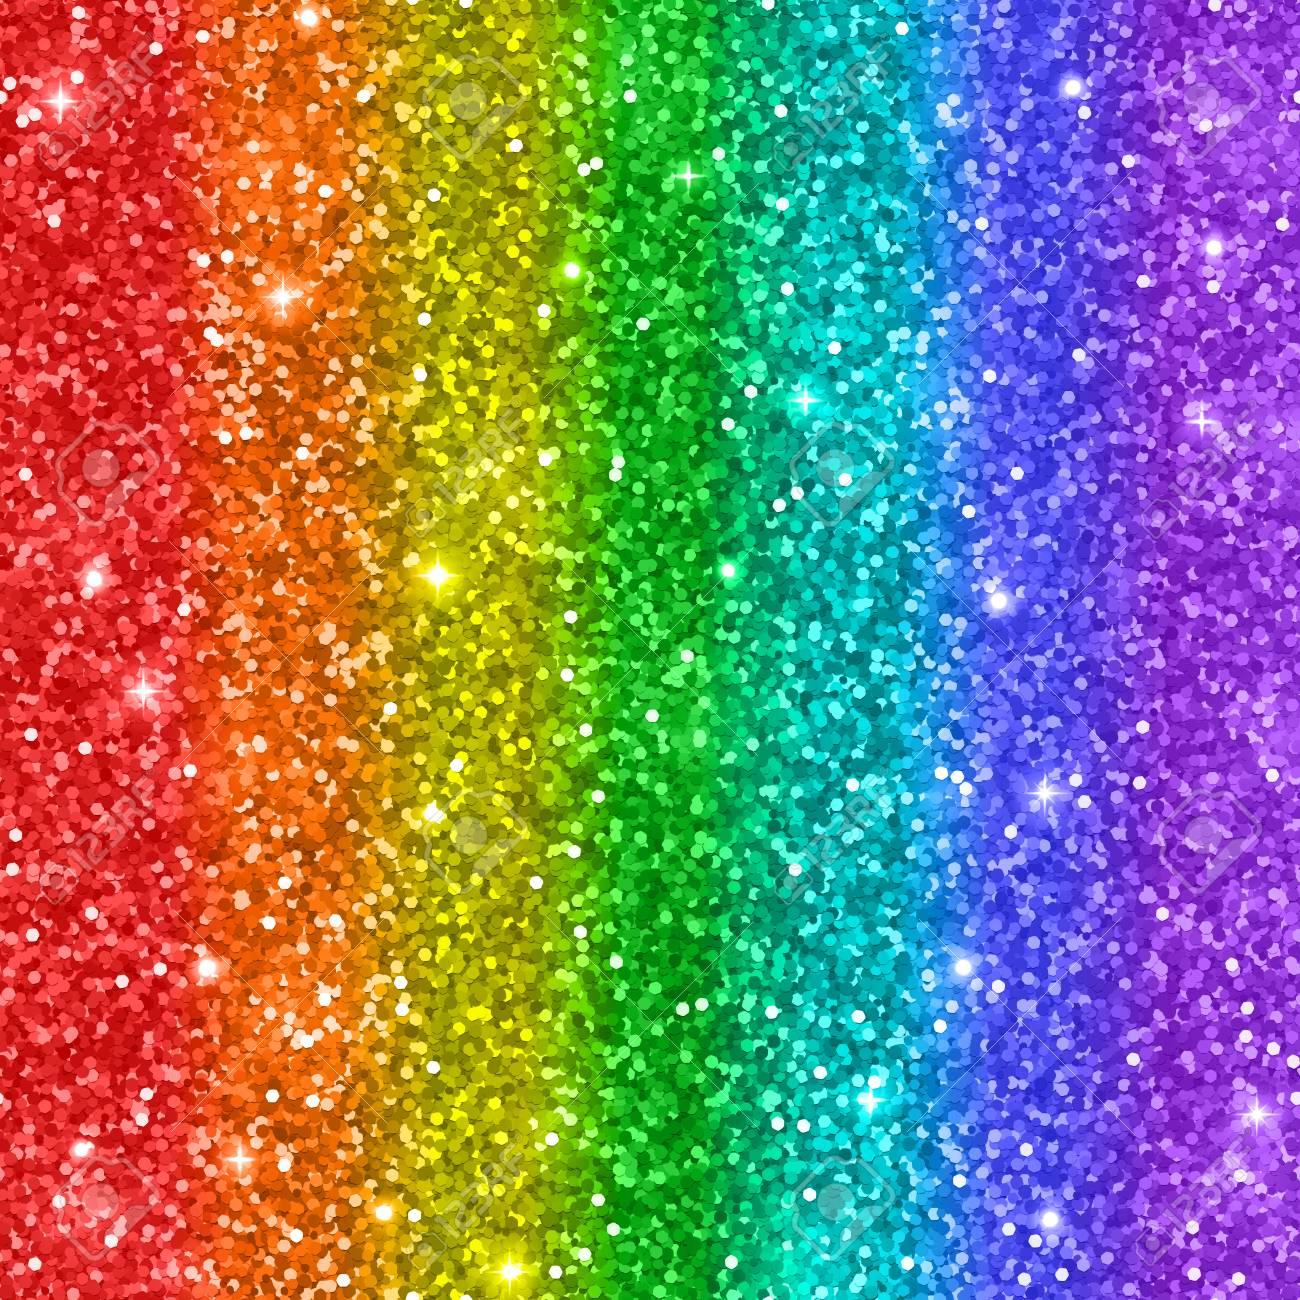 c279e856cdc0 Multicolored rainbow glitter background. Vector illustration. Stock Vector  - 91130399